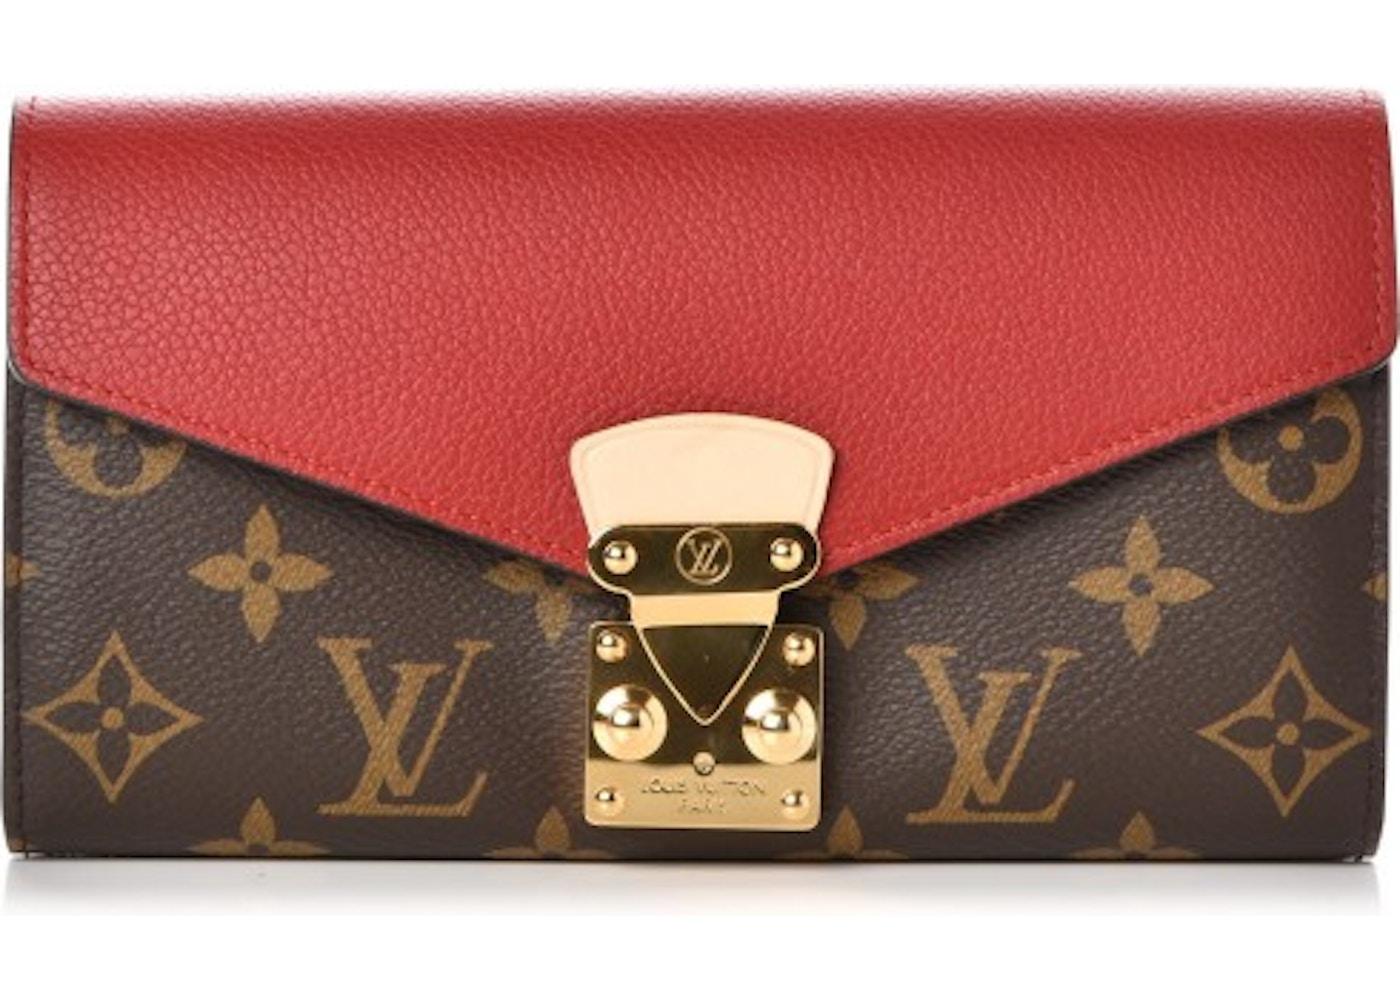 58ec20767702 Louis Vuitton Wallet Pallas Monogram Cerise Cherry. Monogram Cerise Cherry